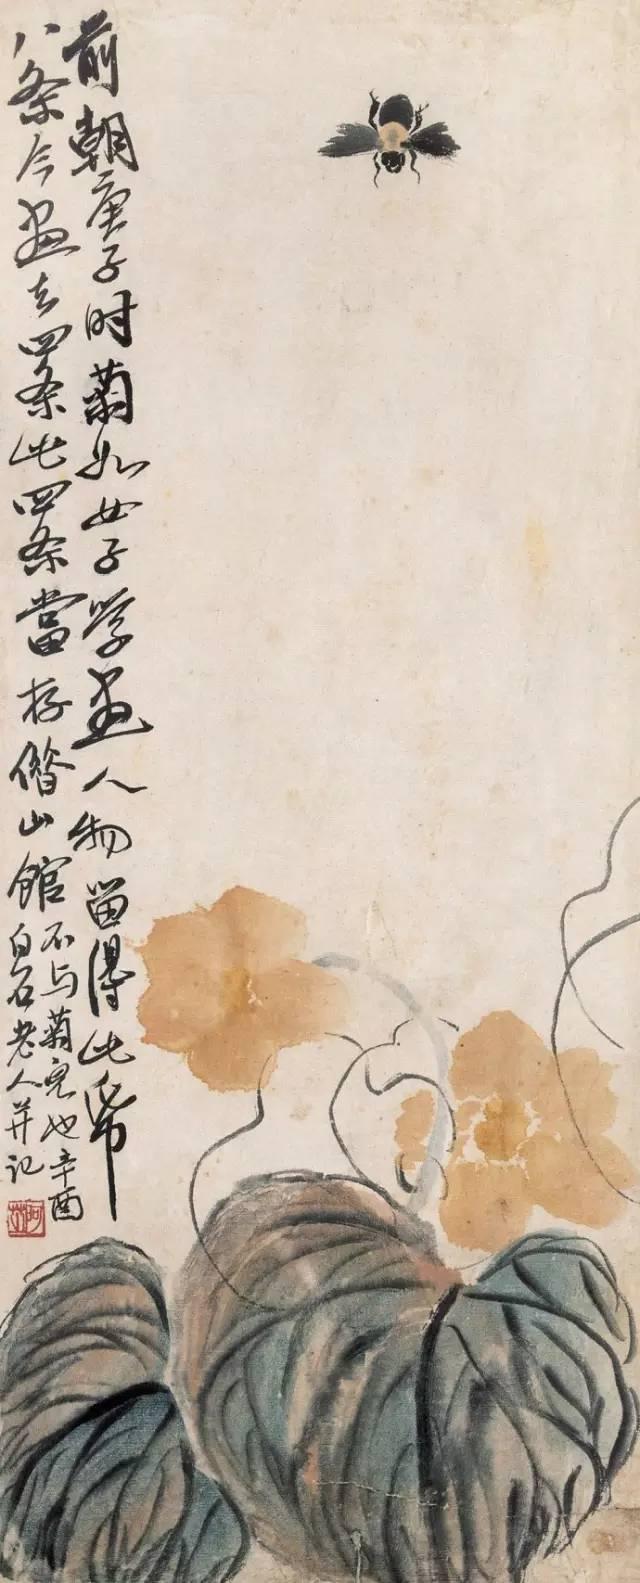 1921年作 秋卉秋虫